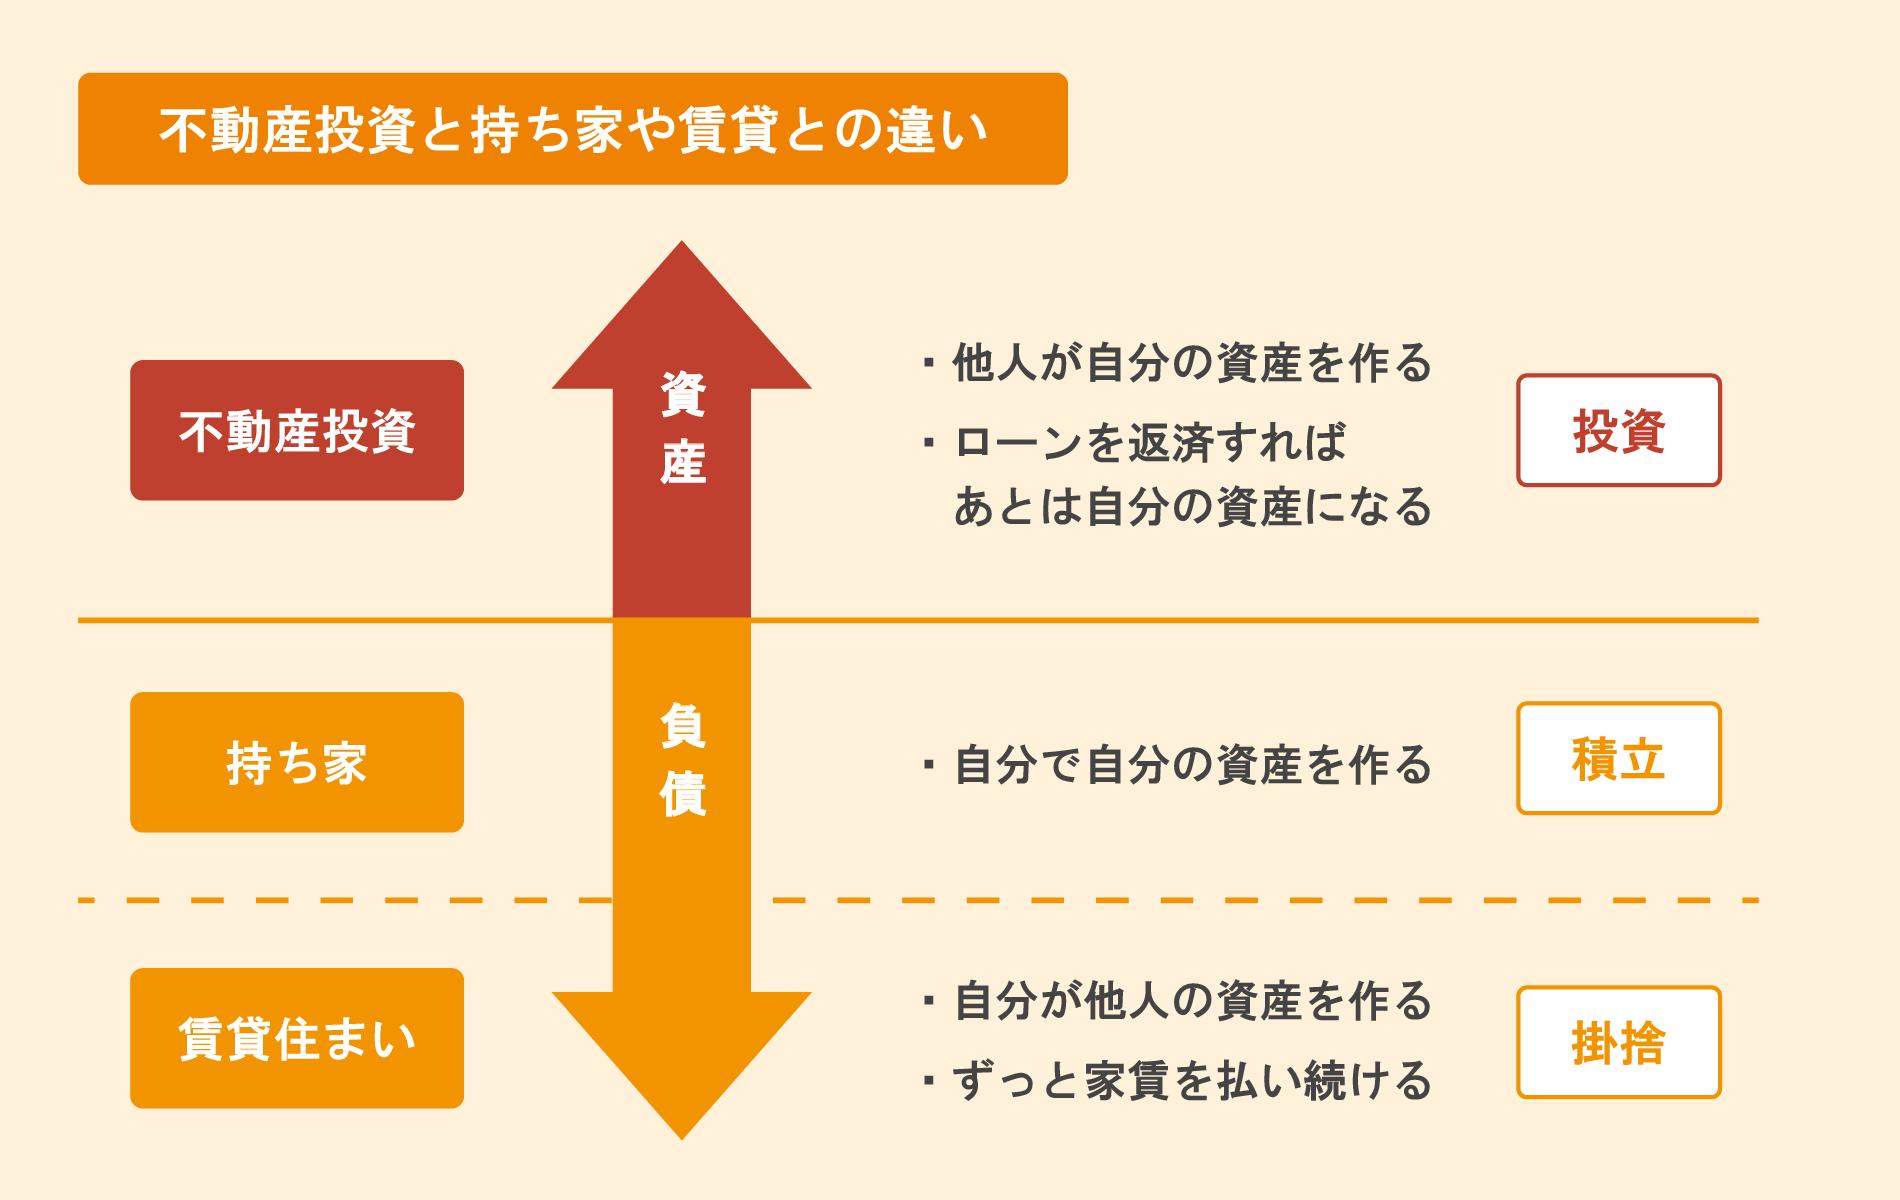 不動産投資と持ち家や賃貸との違いの図:不動産投資は他人が自分の資産を作り、ローンさえ返済すればあとは自分の資産になる。それに対して持ち家や賃貸の場合、自分が他人の資産を作り、自分の資産が増えることは無い。